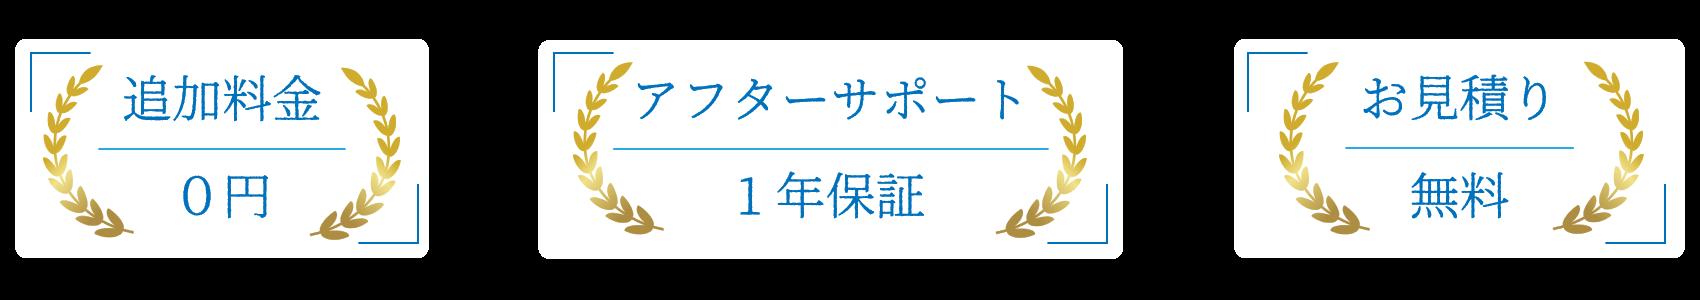 追加料金0円・アフターサポート1年保証・お見積り無料